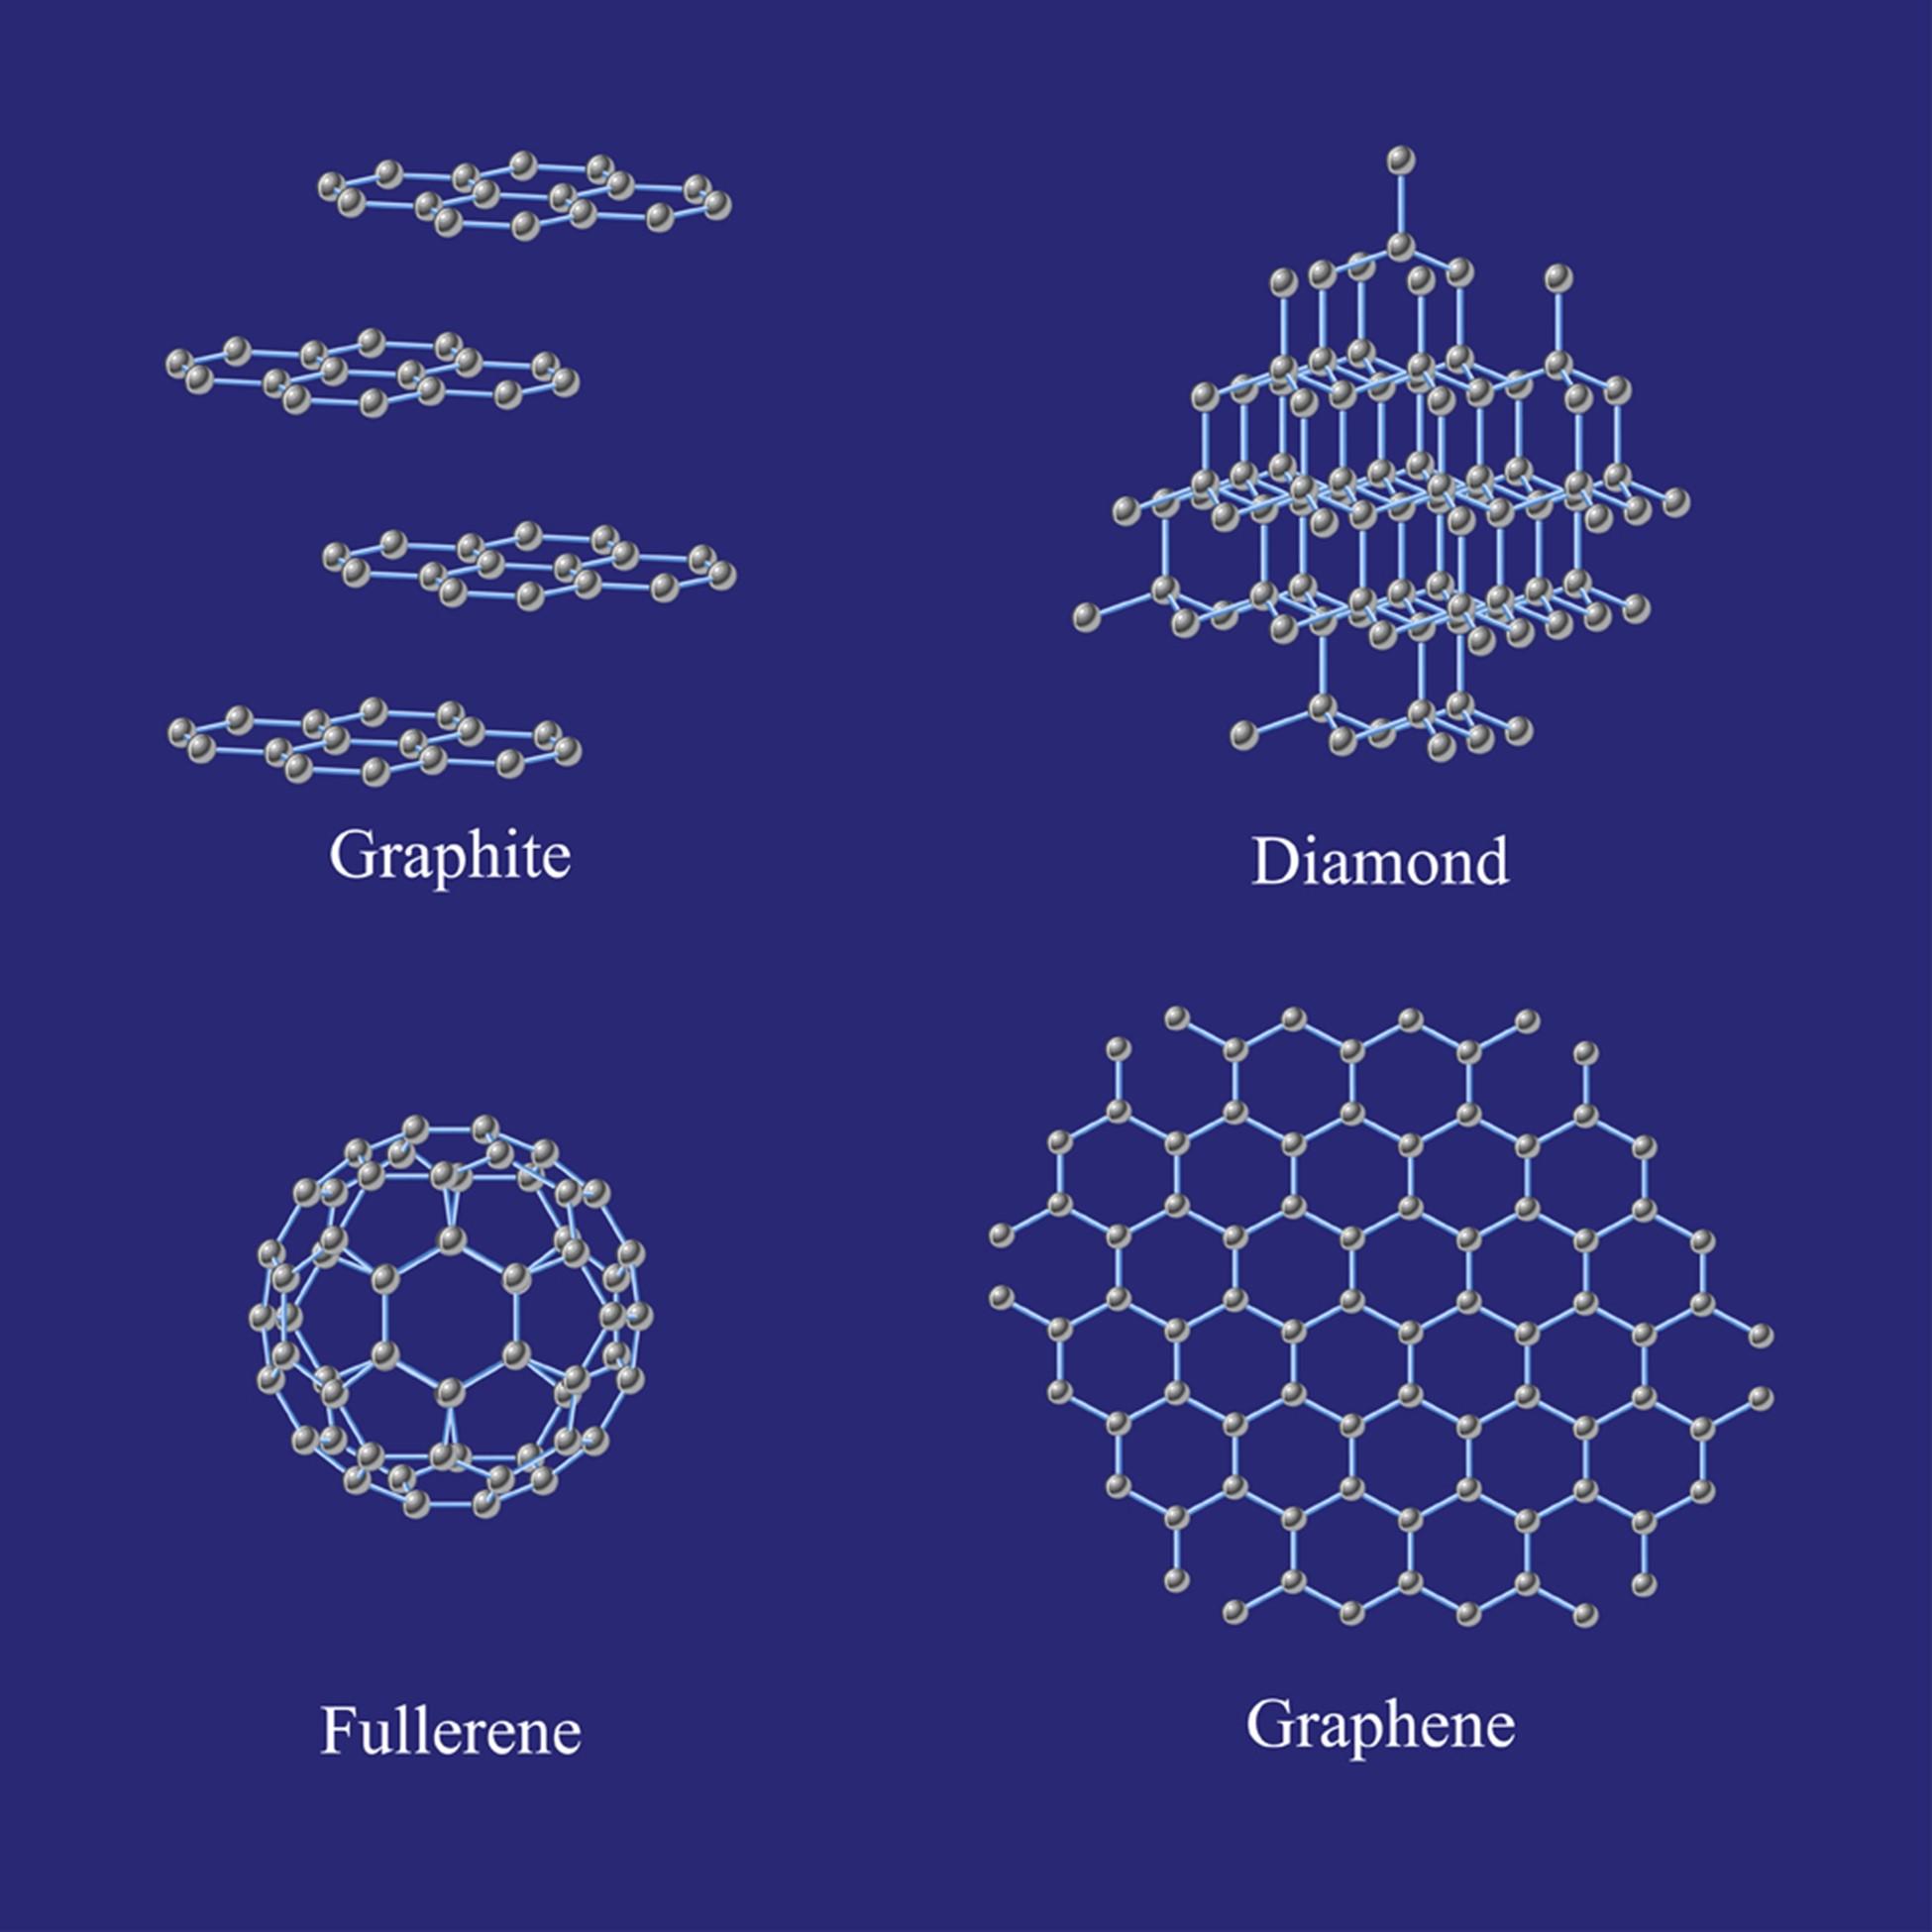 غرافيت، ألماس، فوليرين، غرافين. لاحظ كيف تبدو الروابط الكربونية مثل هرم ثلاثي الأوجه